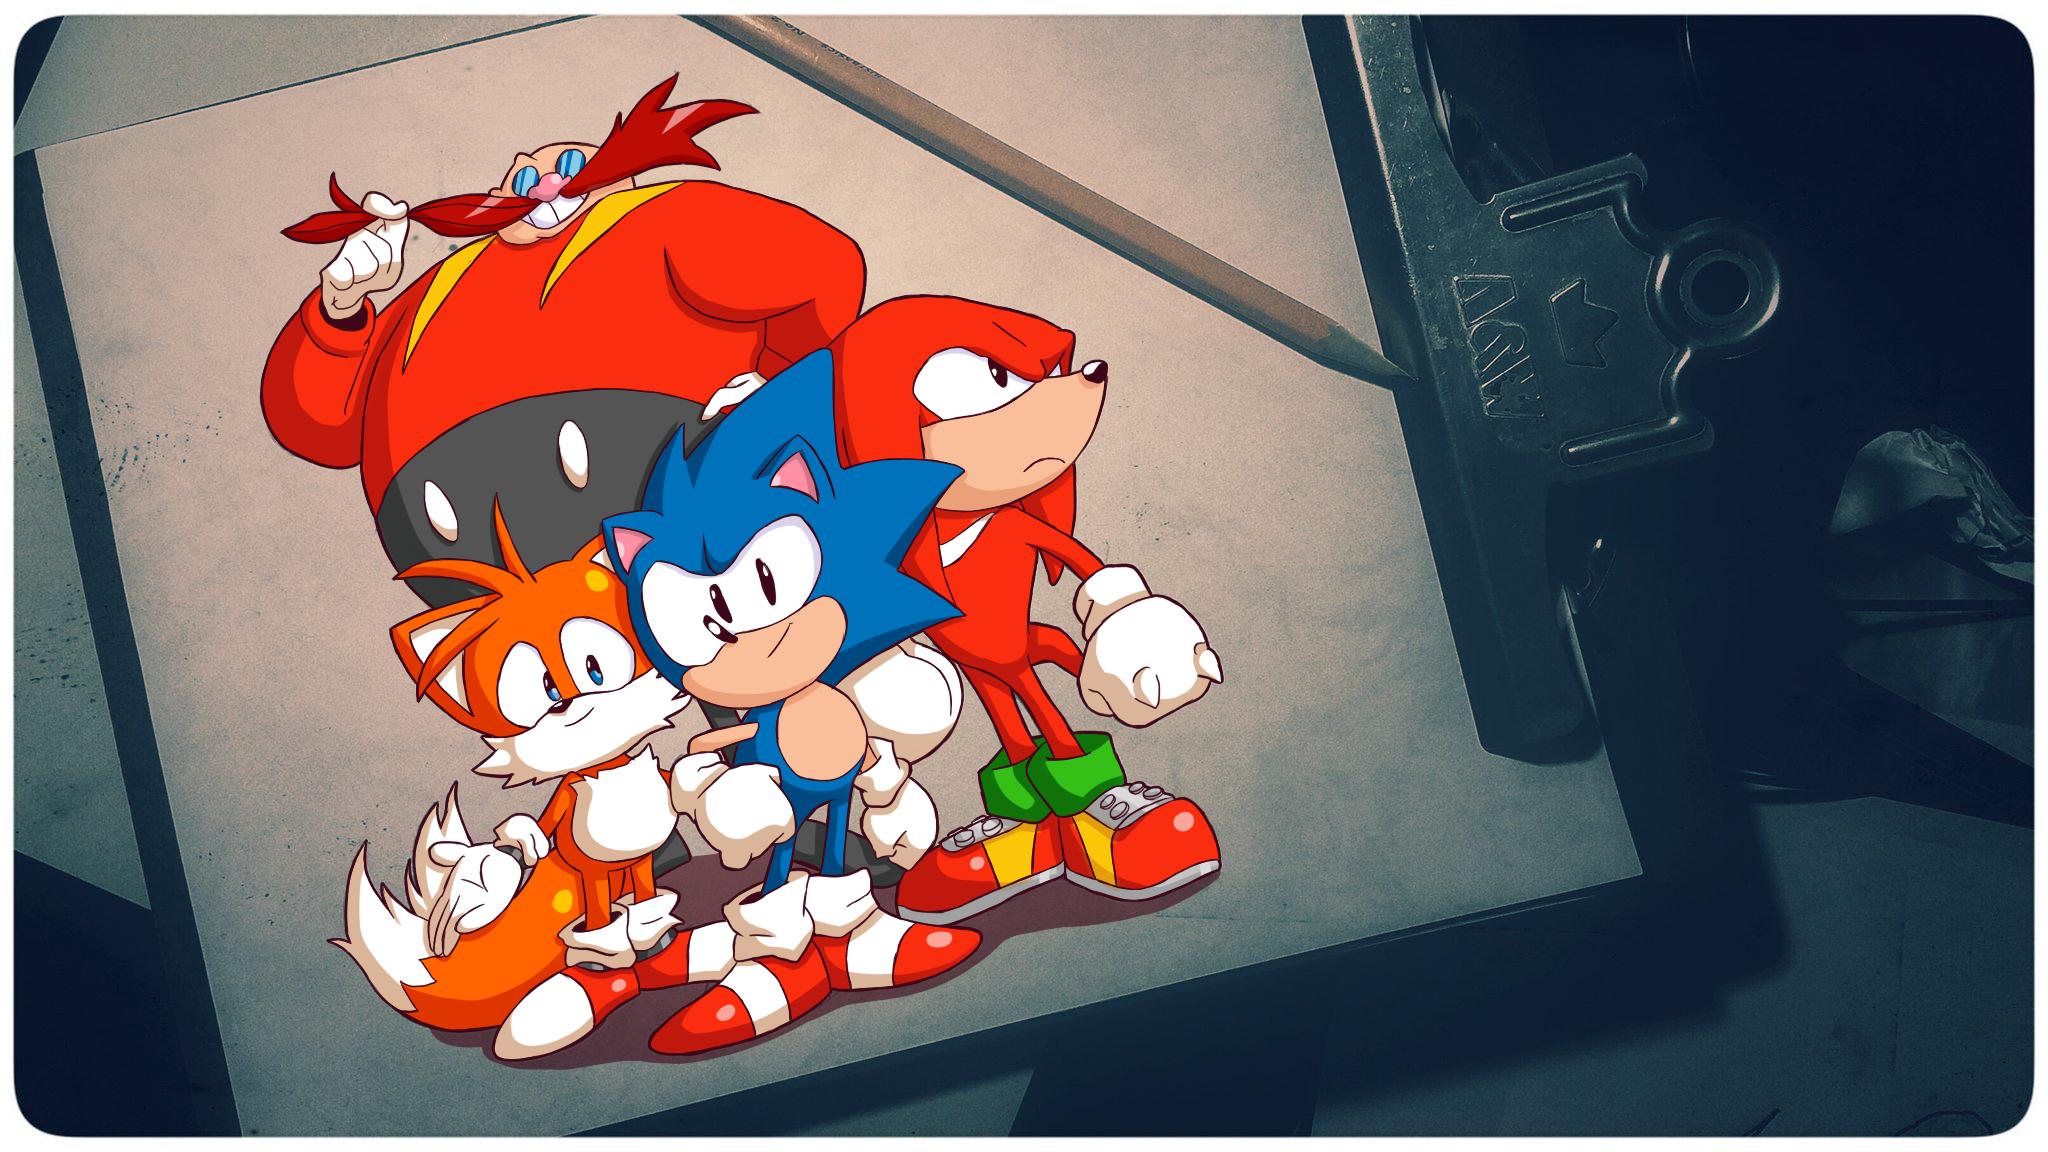 Sonic 25th Fan Art Collab By Animeartist569 On DeviantArt